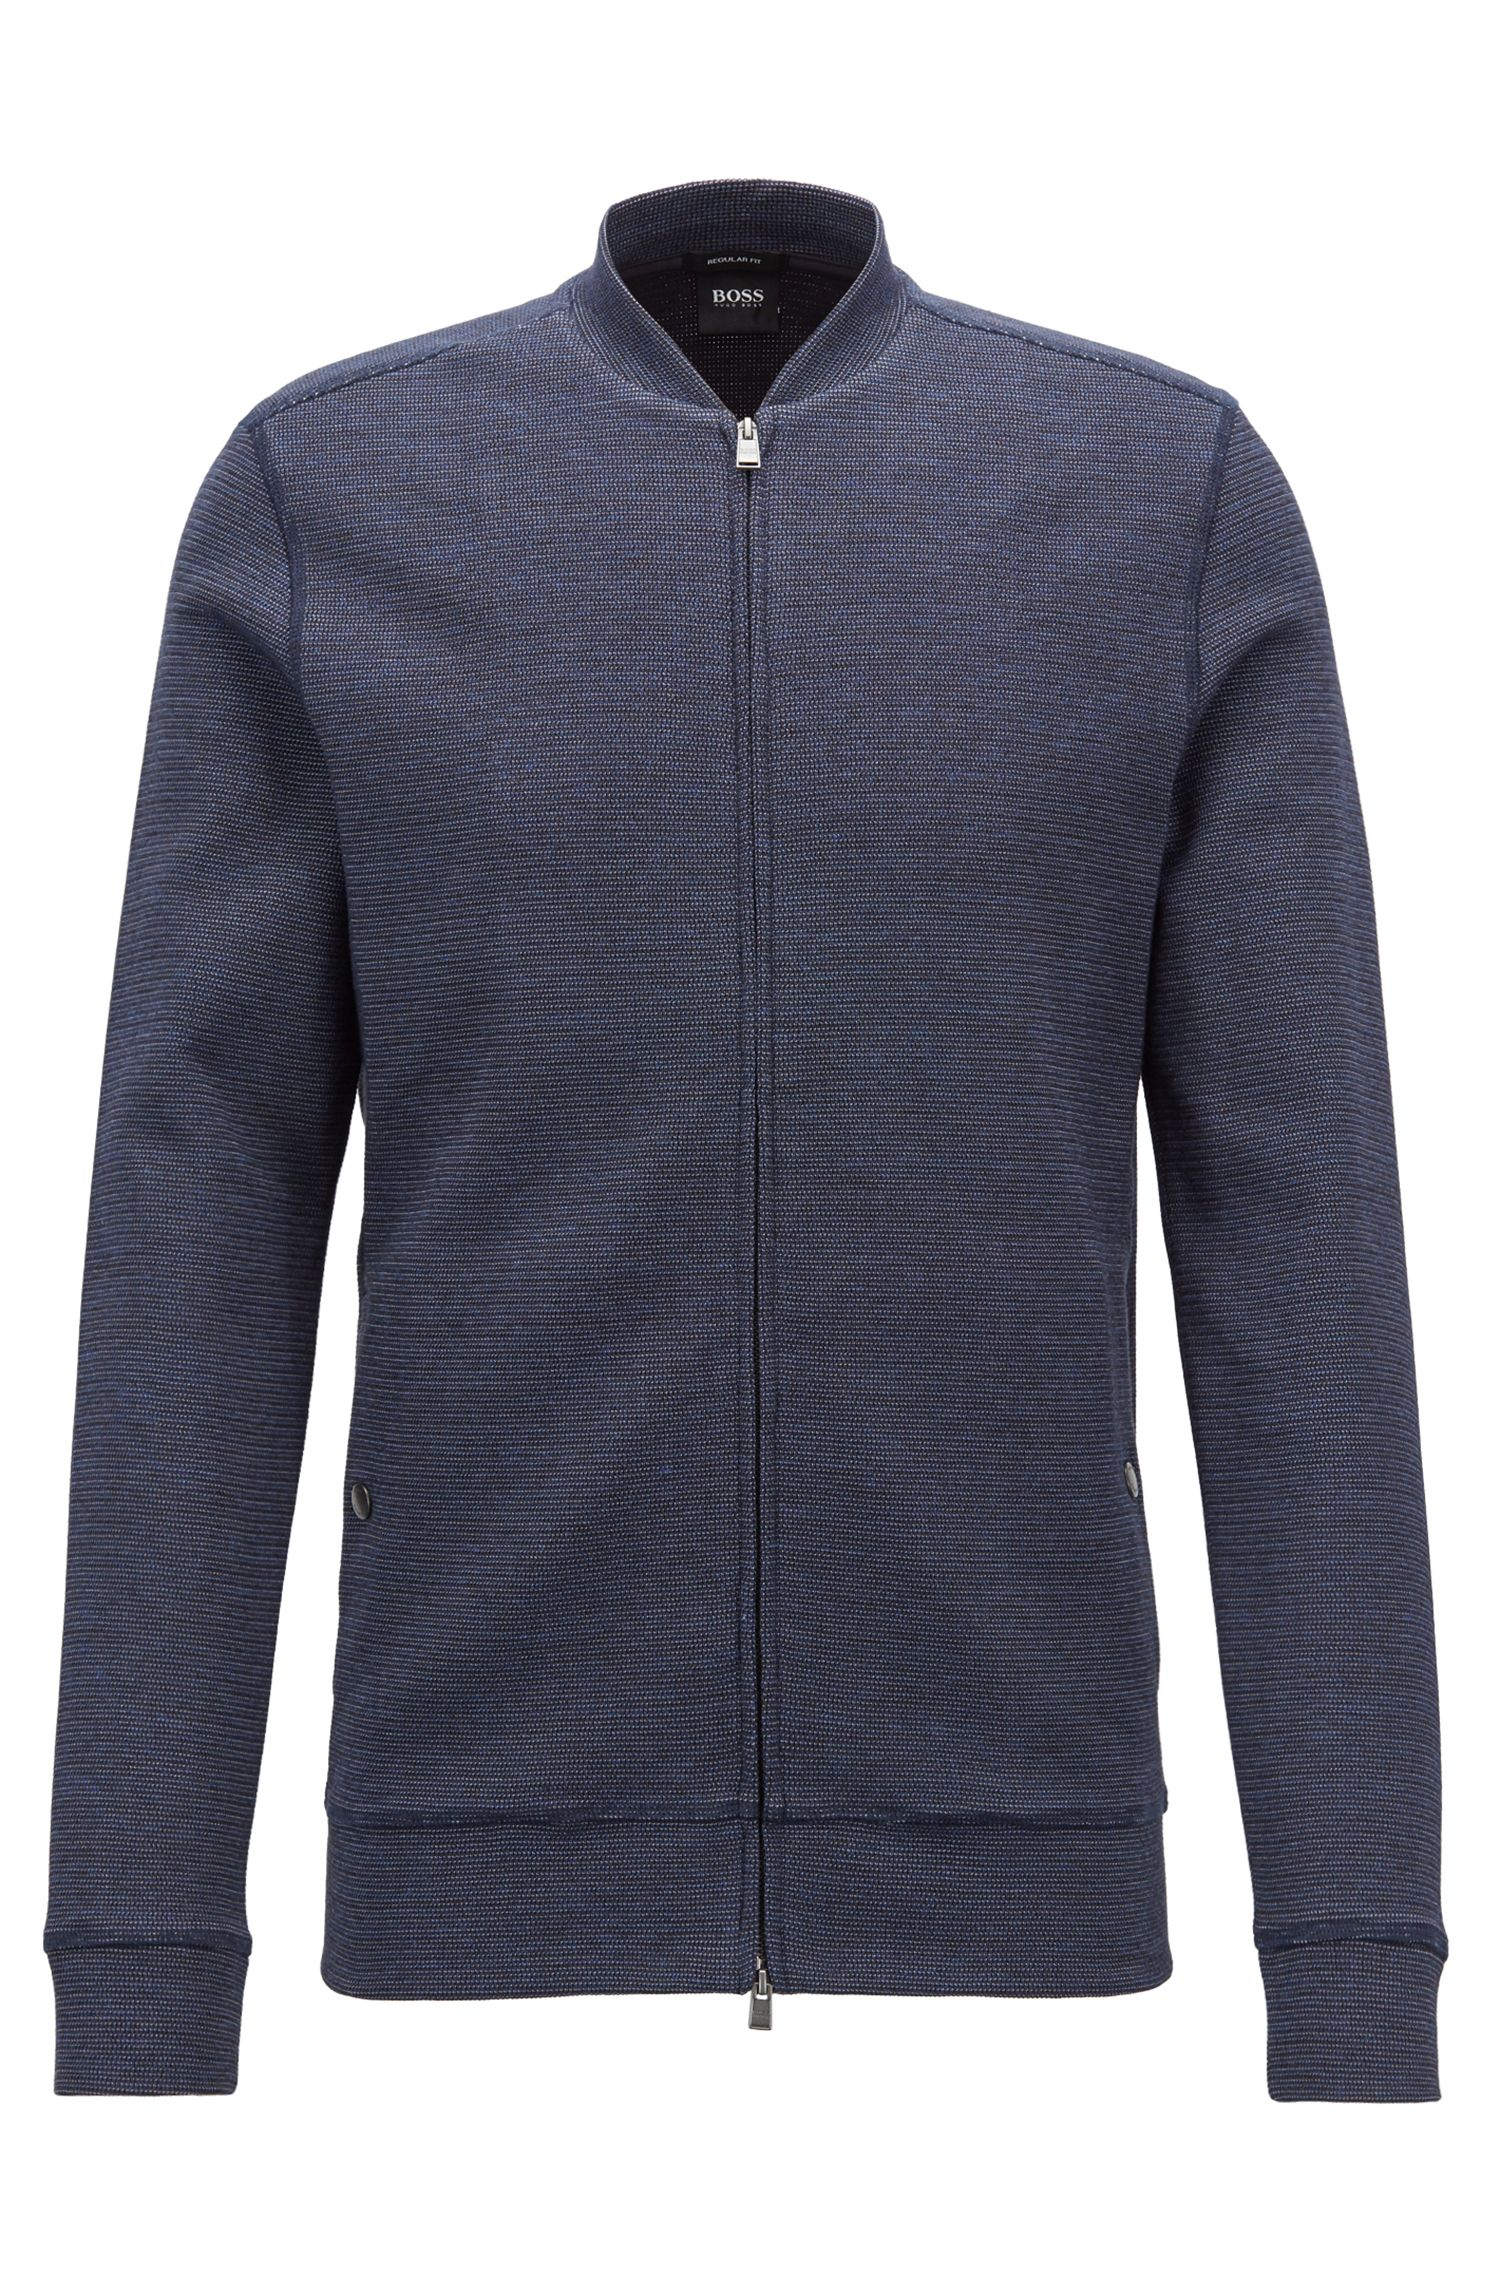 Sweatshirt aus Baumwoll-Mix mit Reißverschluss und College-Kragen, Dunkelblau